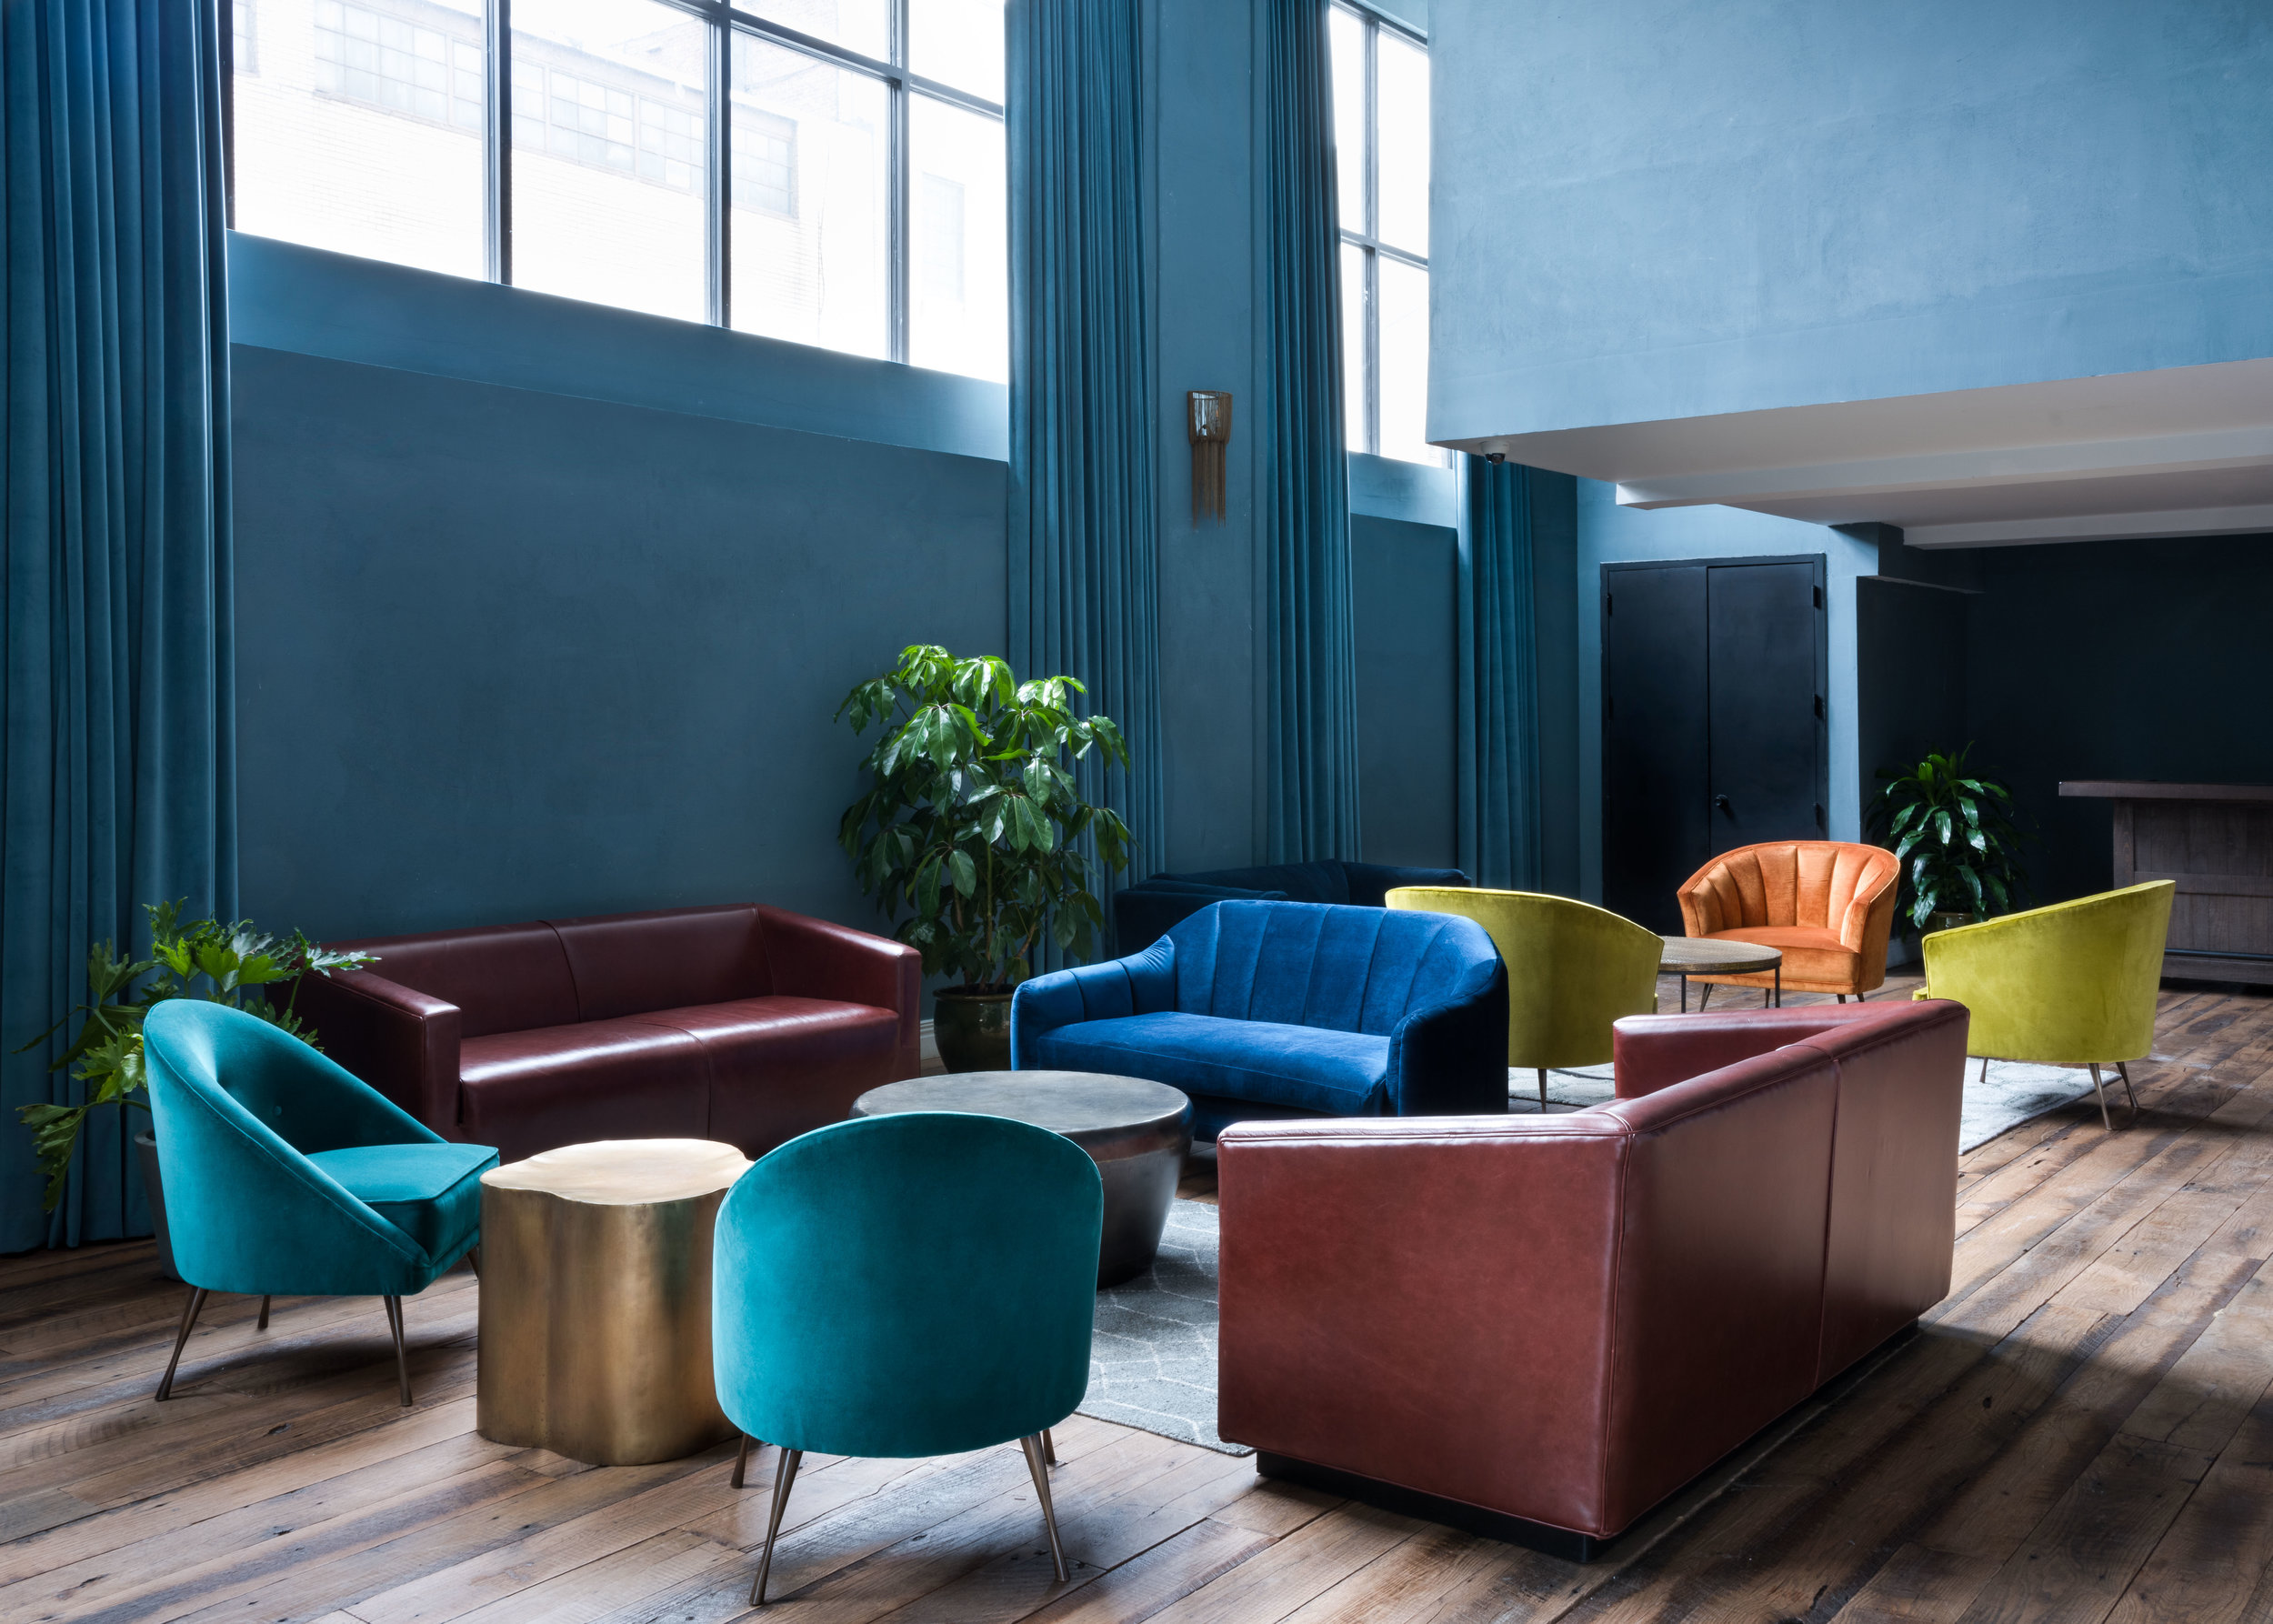 The Williamsburg Hotel - Orior By Design